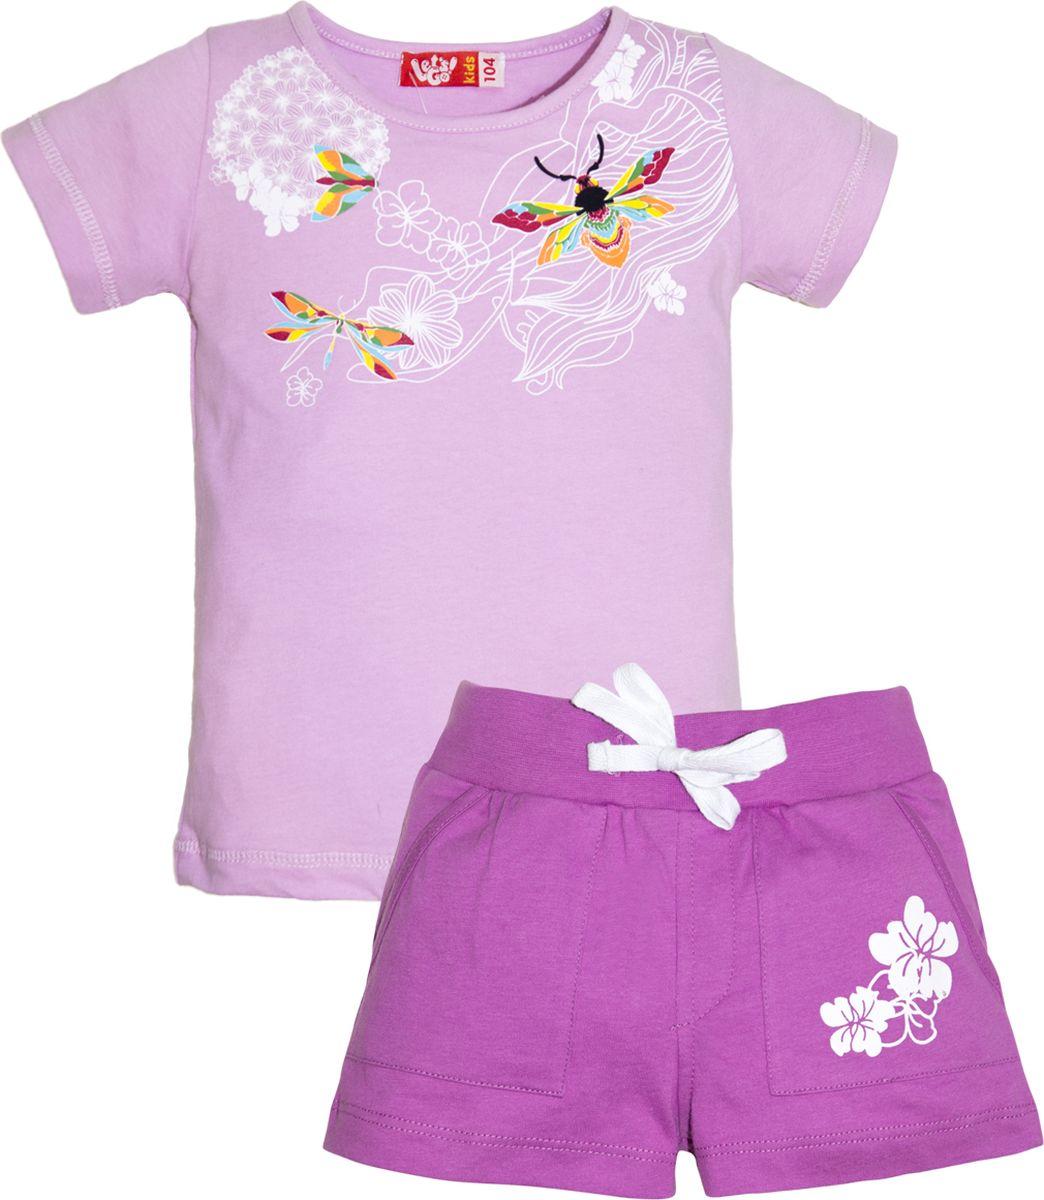 Комплект одежды для девочки Let's Go: футболка, шорты, цвет: лиловый, сиреневый. 4133. Размер 98 комплект одежды для девочки let s go футболка бриджи цвет лиловый фиолетовый 4132 размер 74